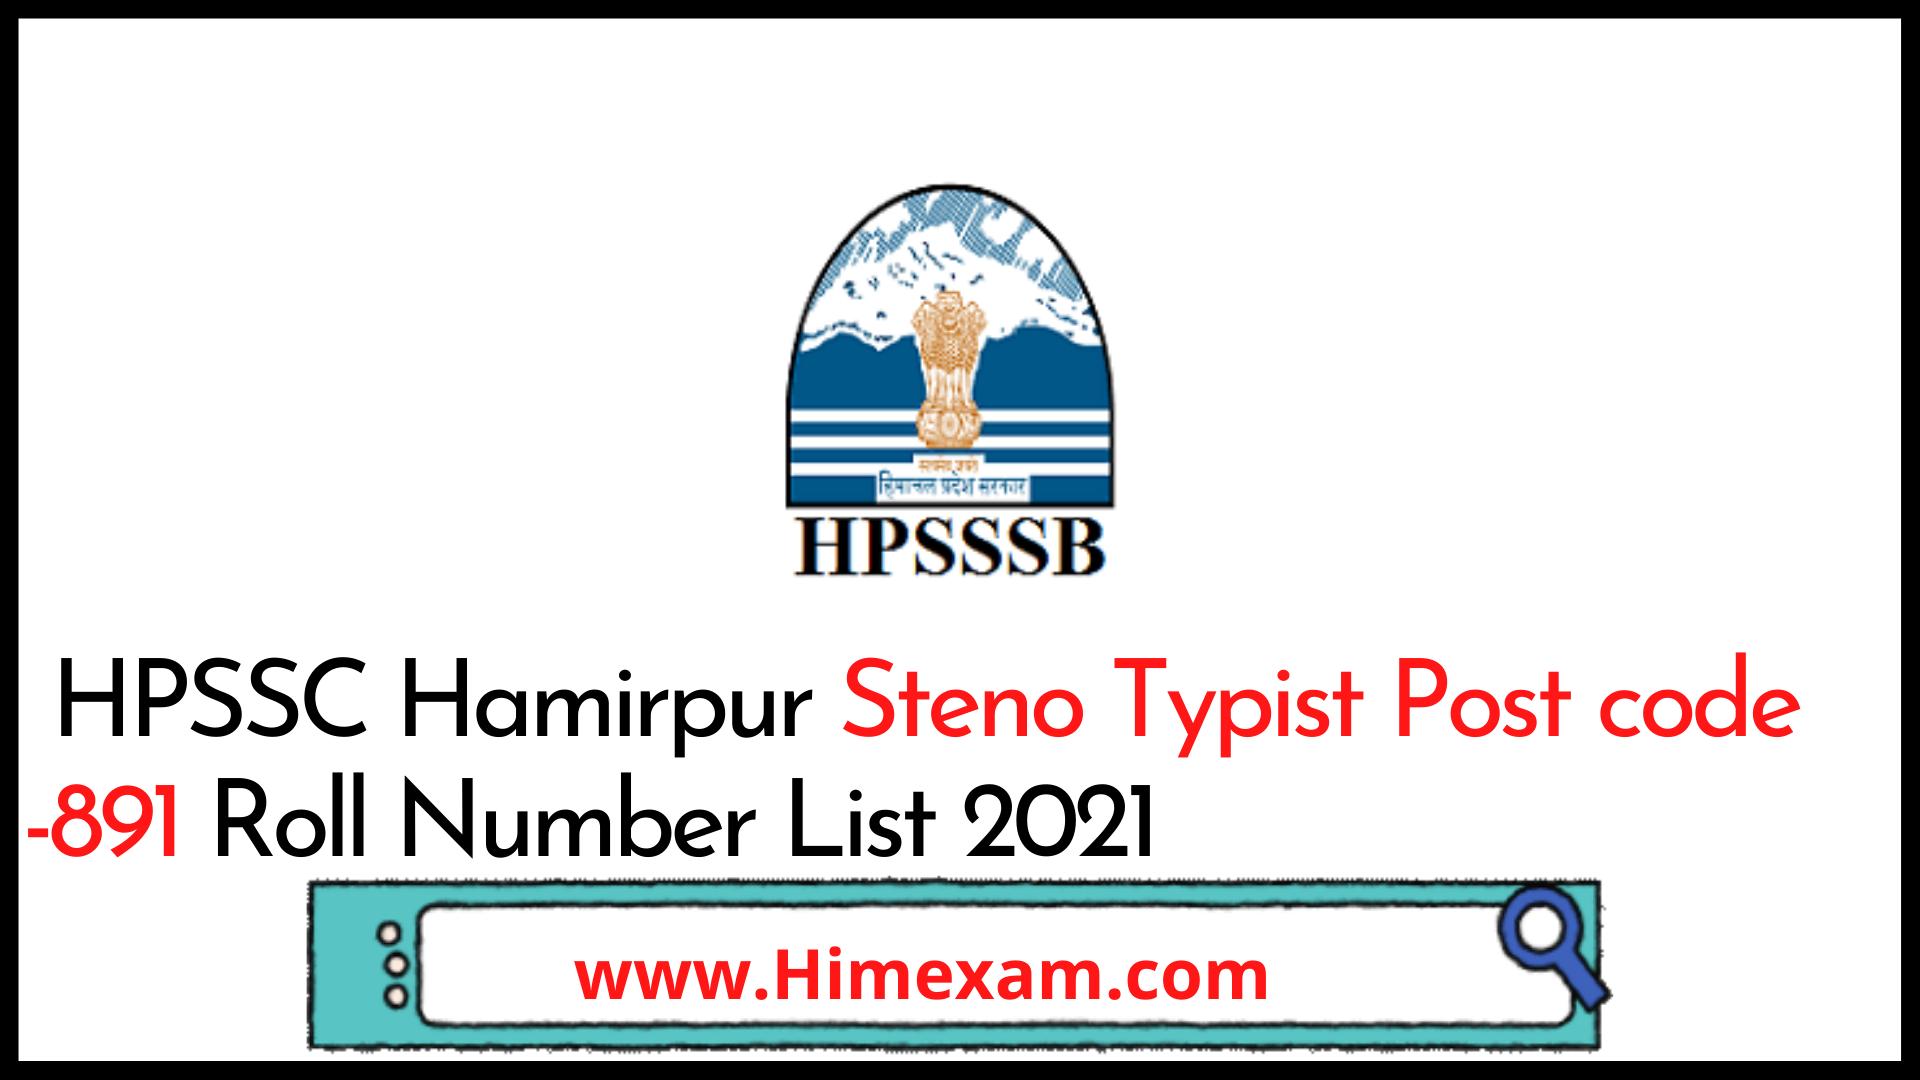 HPSSC Hamirpur Steno Typist Post code -891 Roll Number List 2021